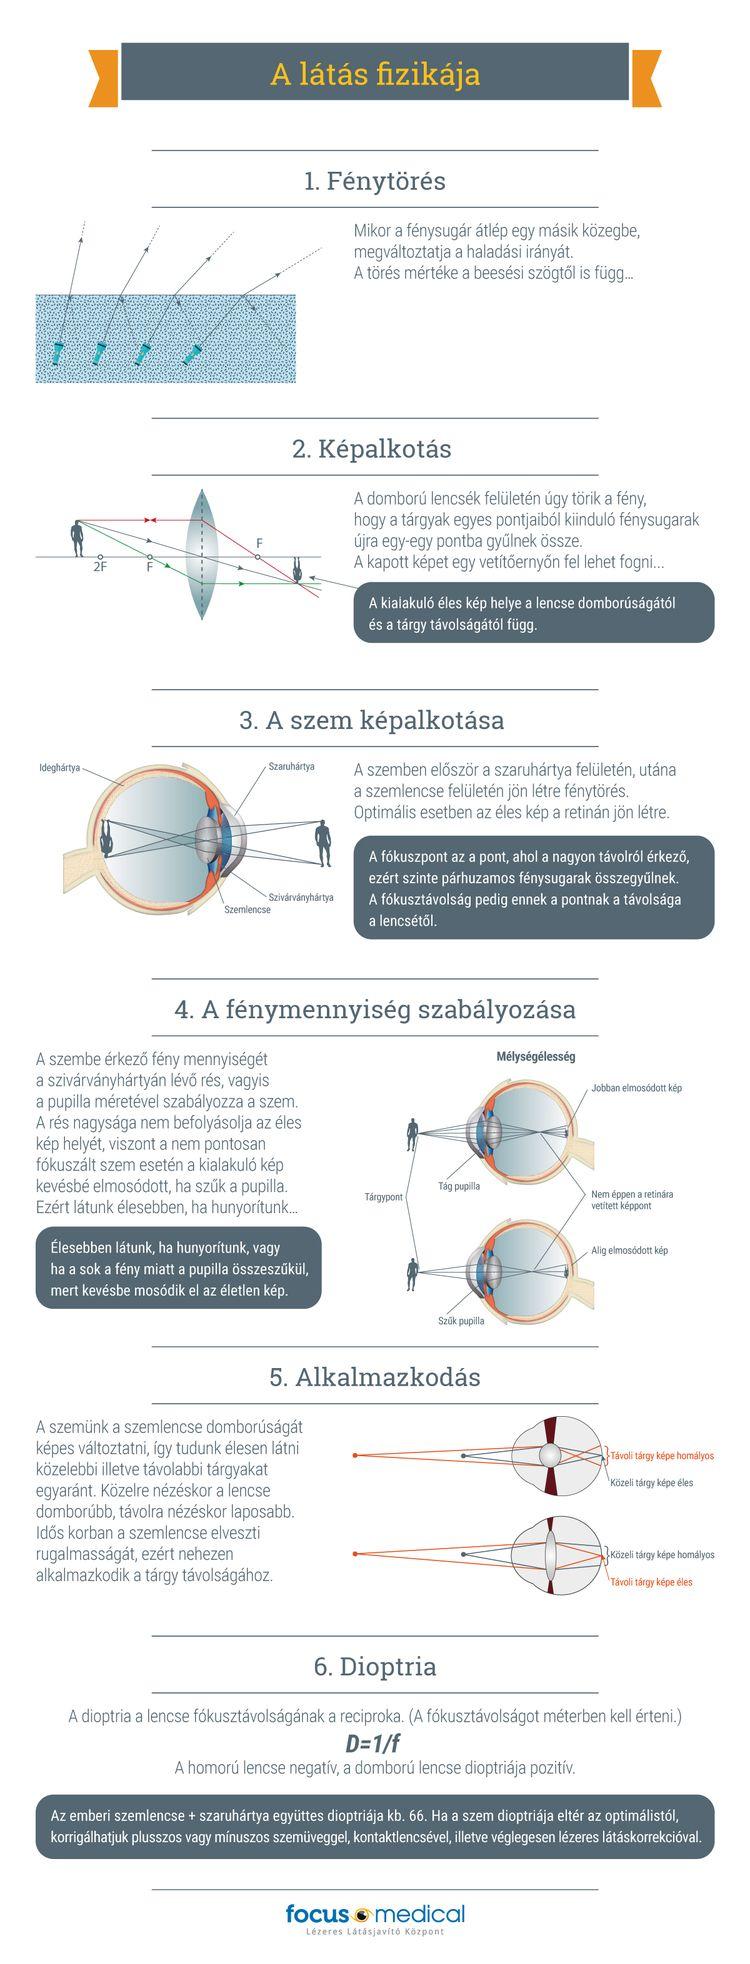 jó látási dioptriák